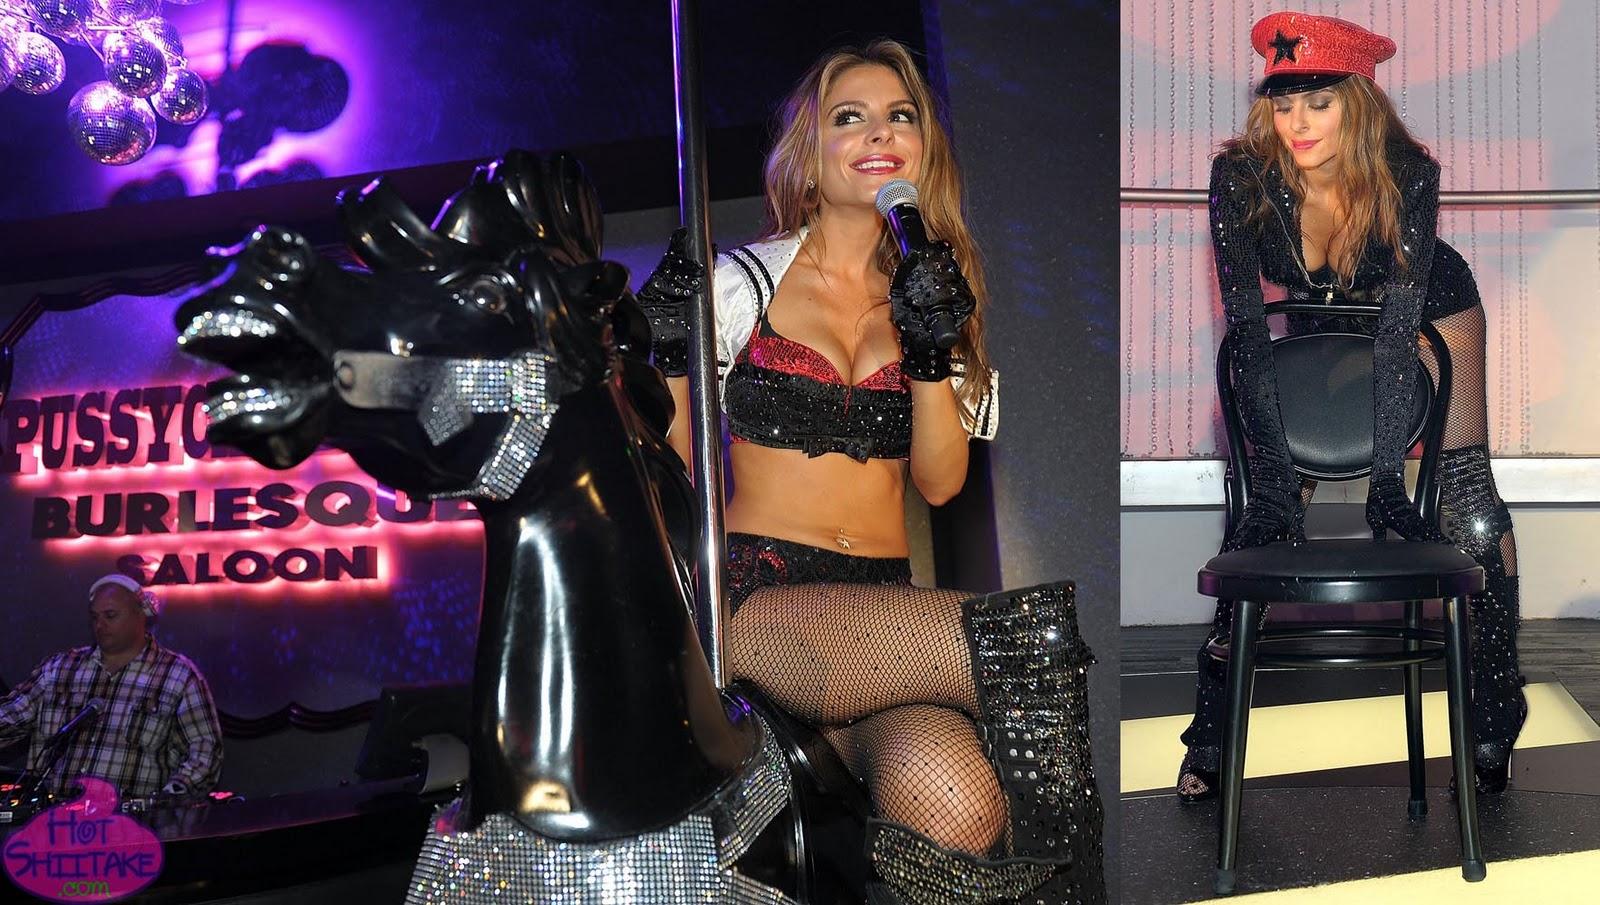 http://4.bp.blogspot.com/-UHpKWliI4kk/TsJwe4lwLhI/AAAAAAAAA5o/1NT1NZHtXOo/s1600/maria-menounos-pussycat-dolls-burlesque-saloon.jpg